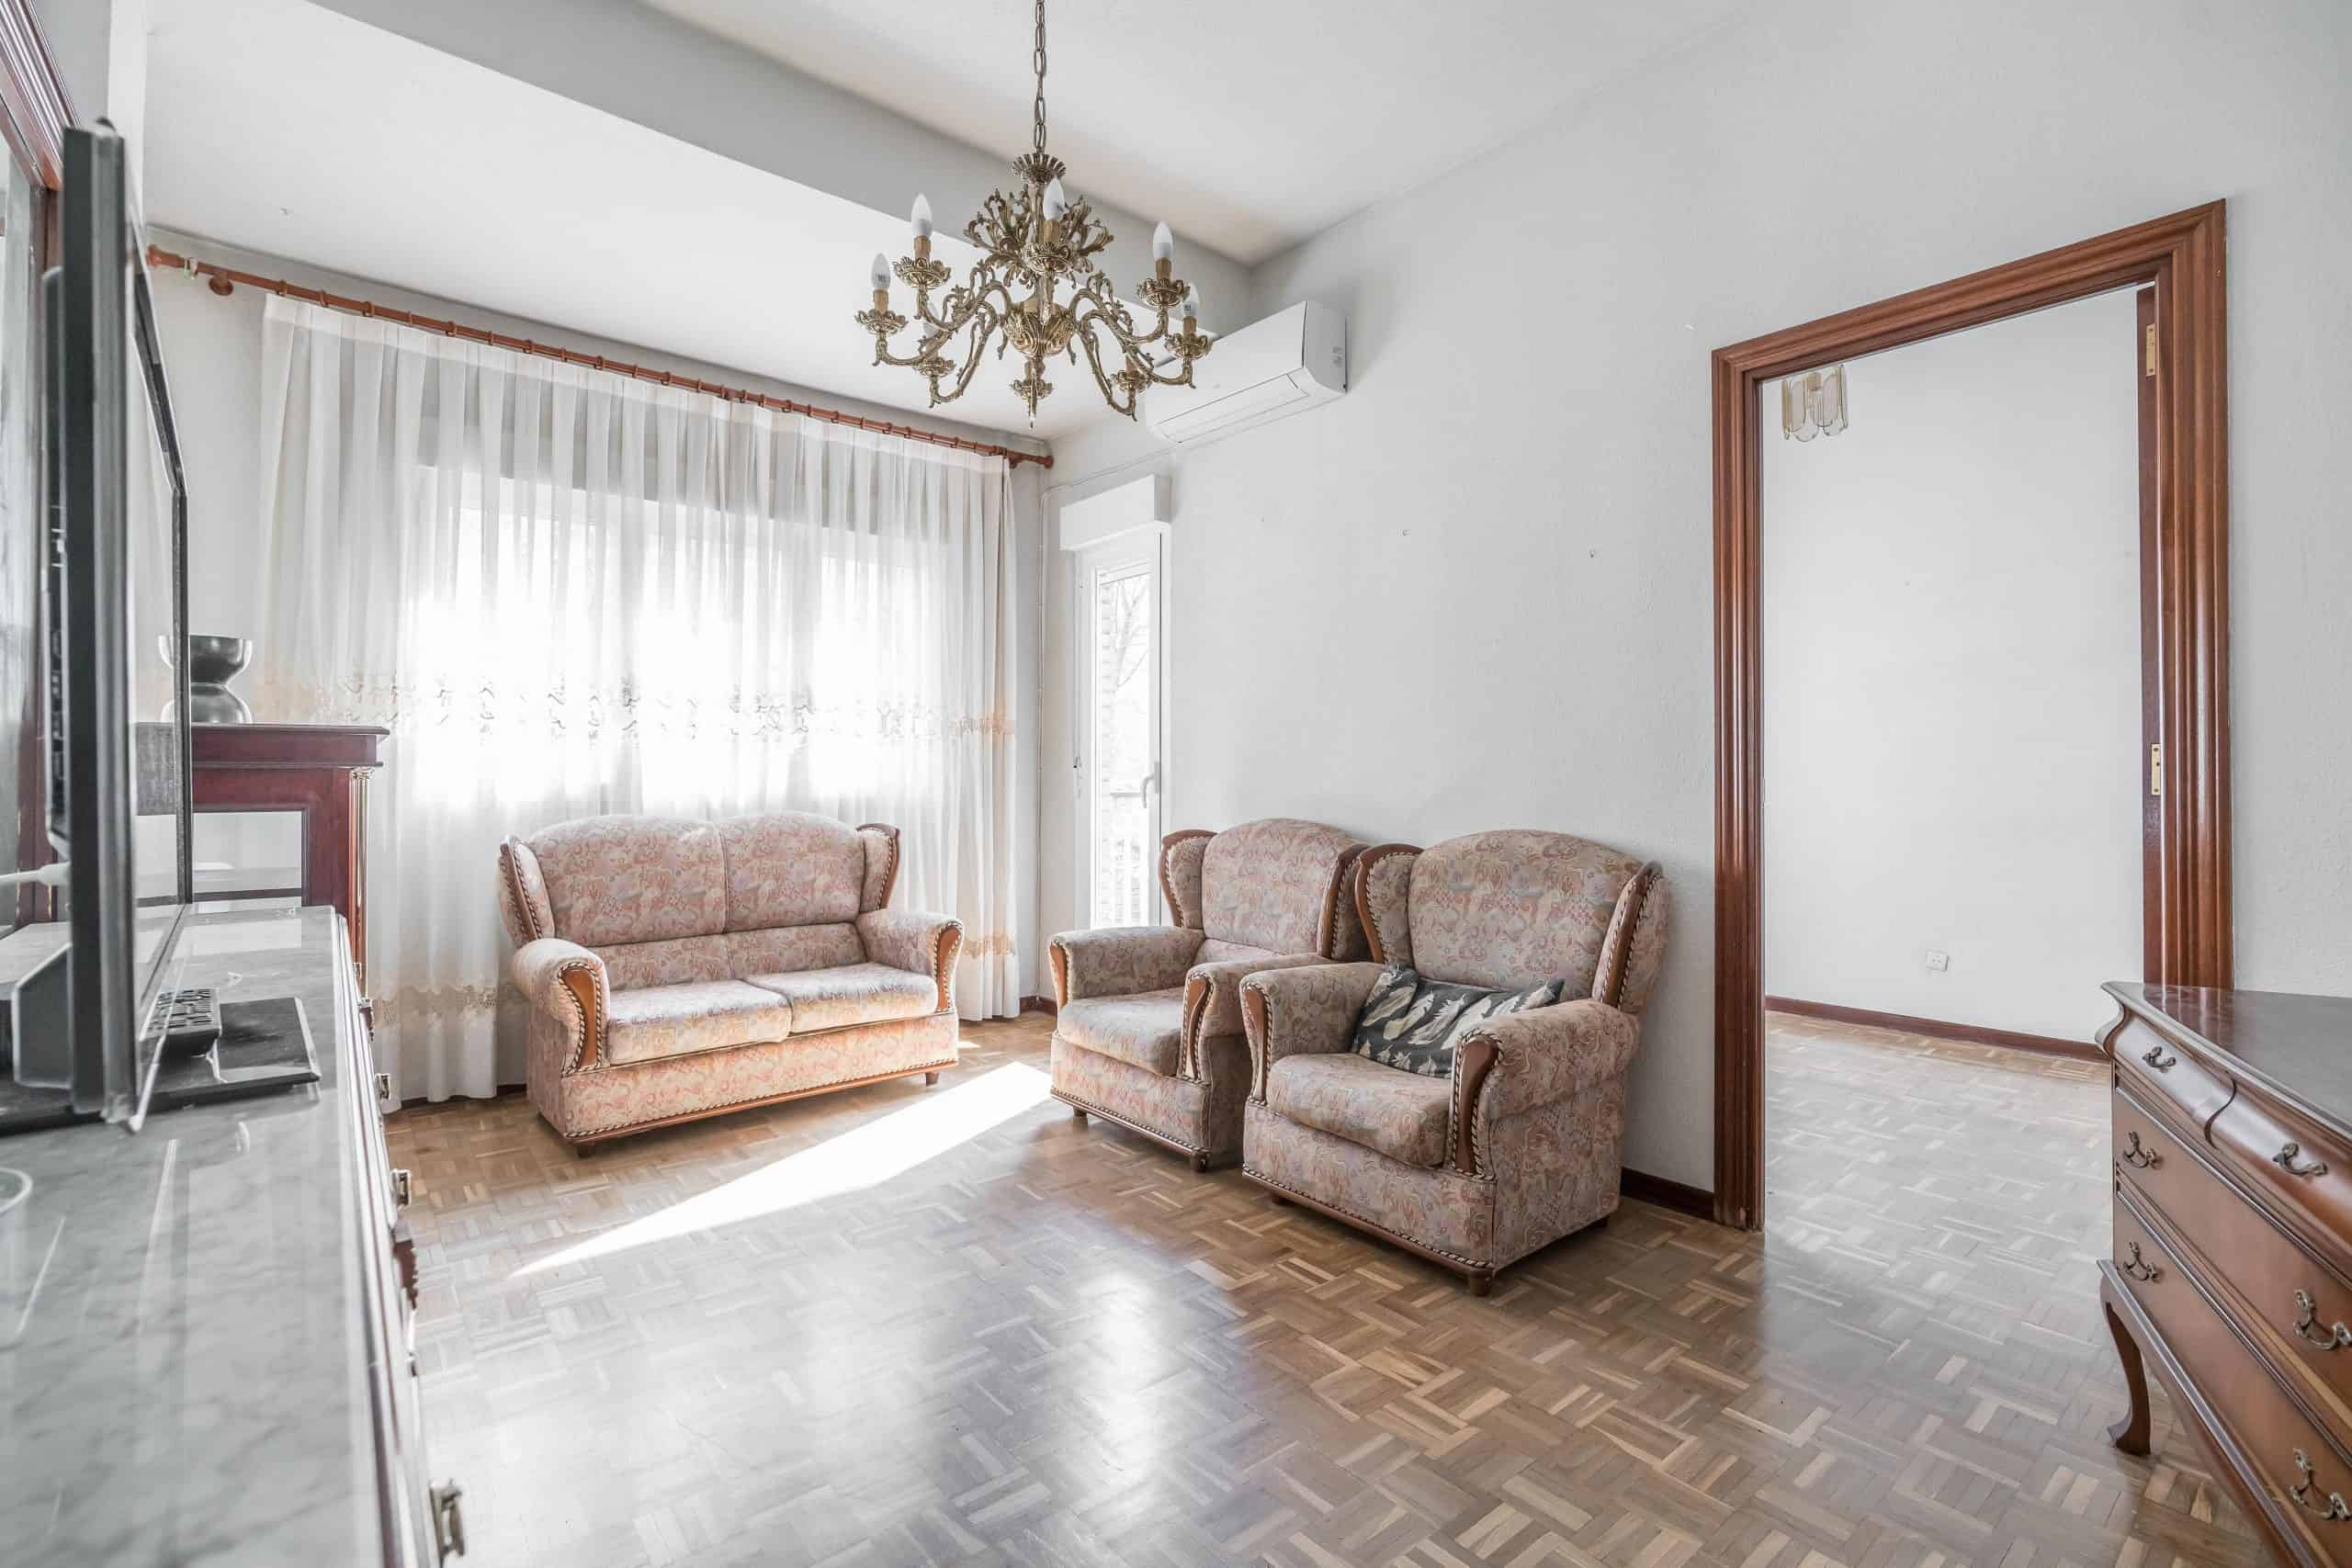 Agencia Inmobiliaria de Madrid-FUTUROCASA-Zona ARGANZUELA-LEGAZPI -calle Jaime Conquistador 48- salón 1